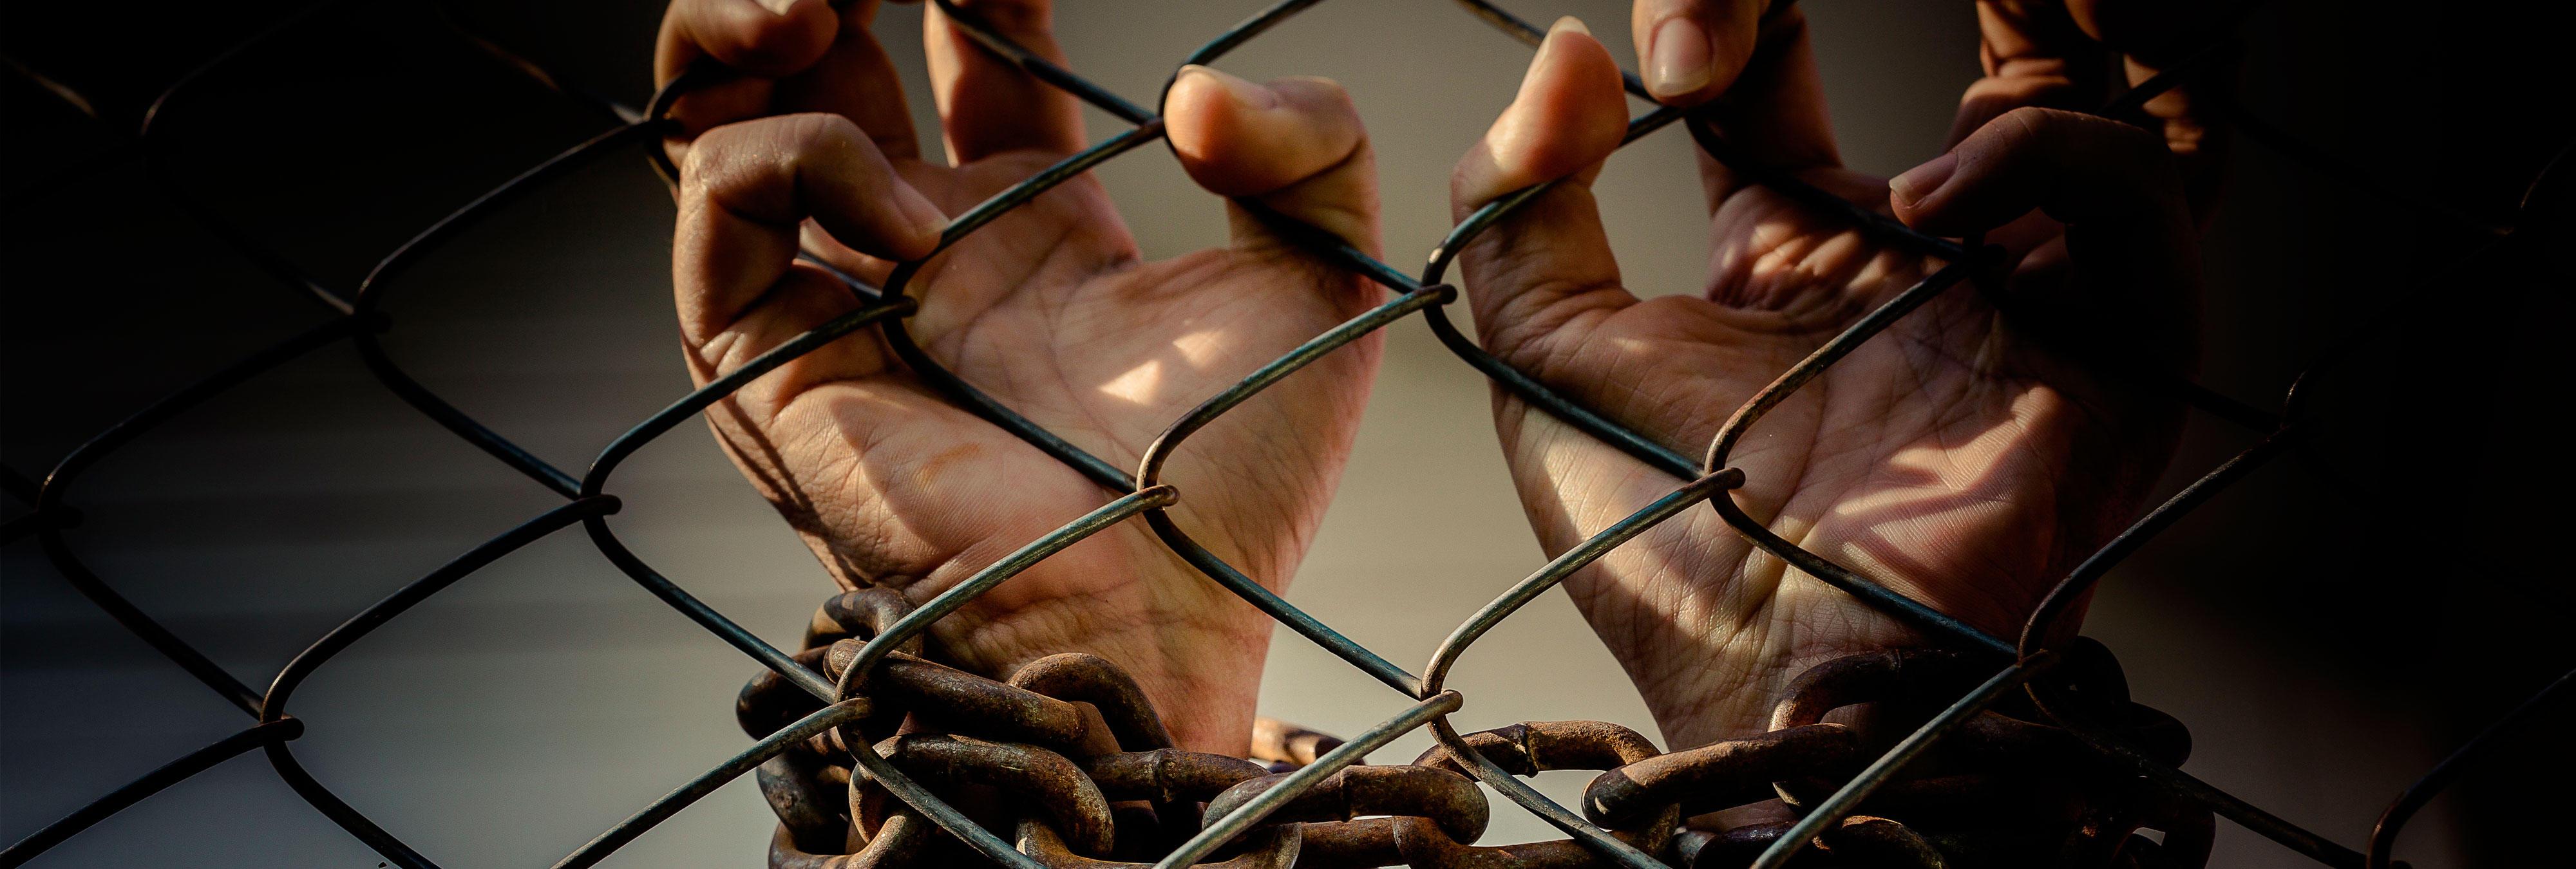 Violaciones, maltrato y abusos: la cruda realidad de los niños refugiados